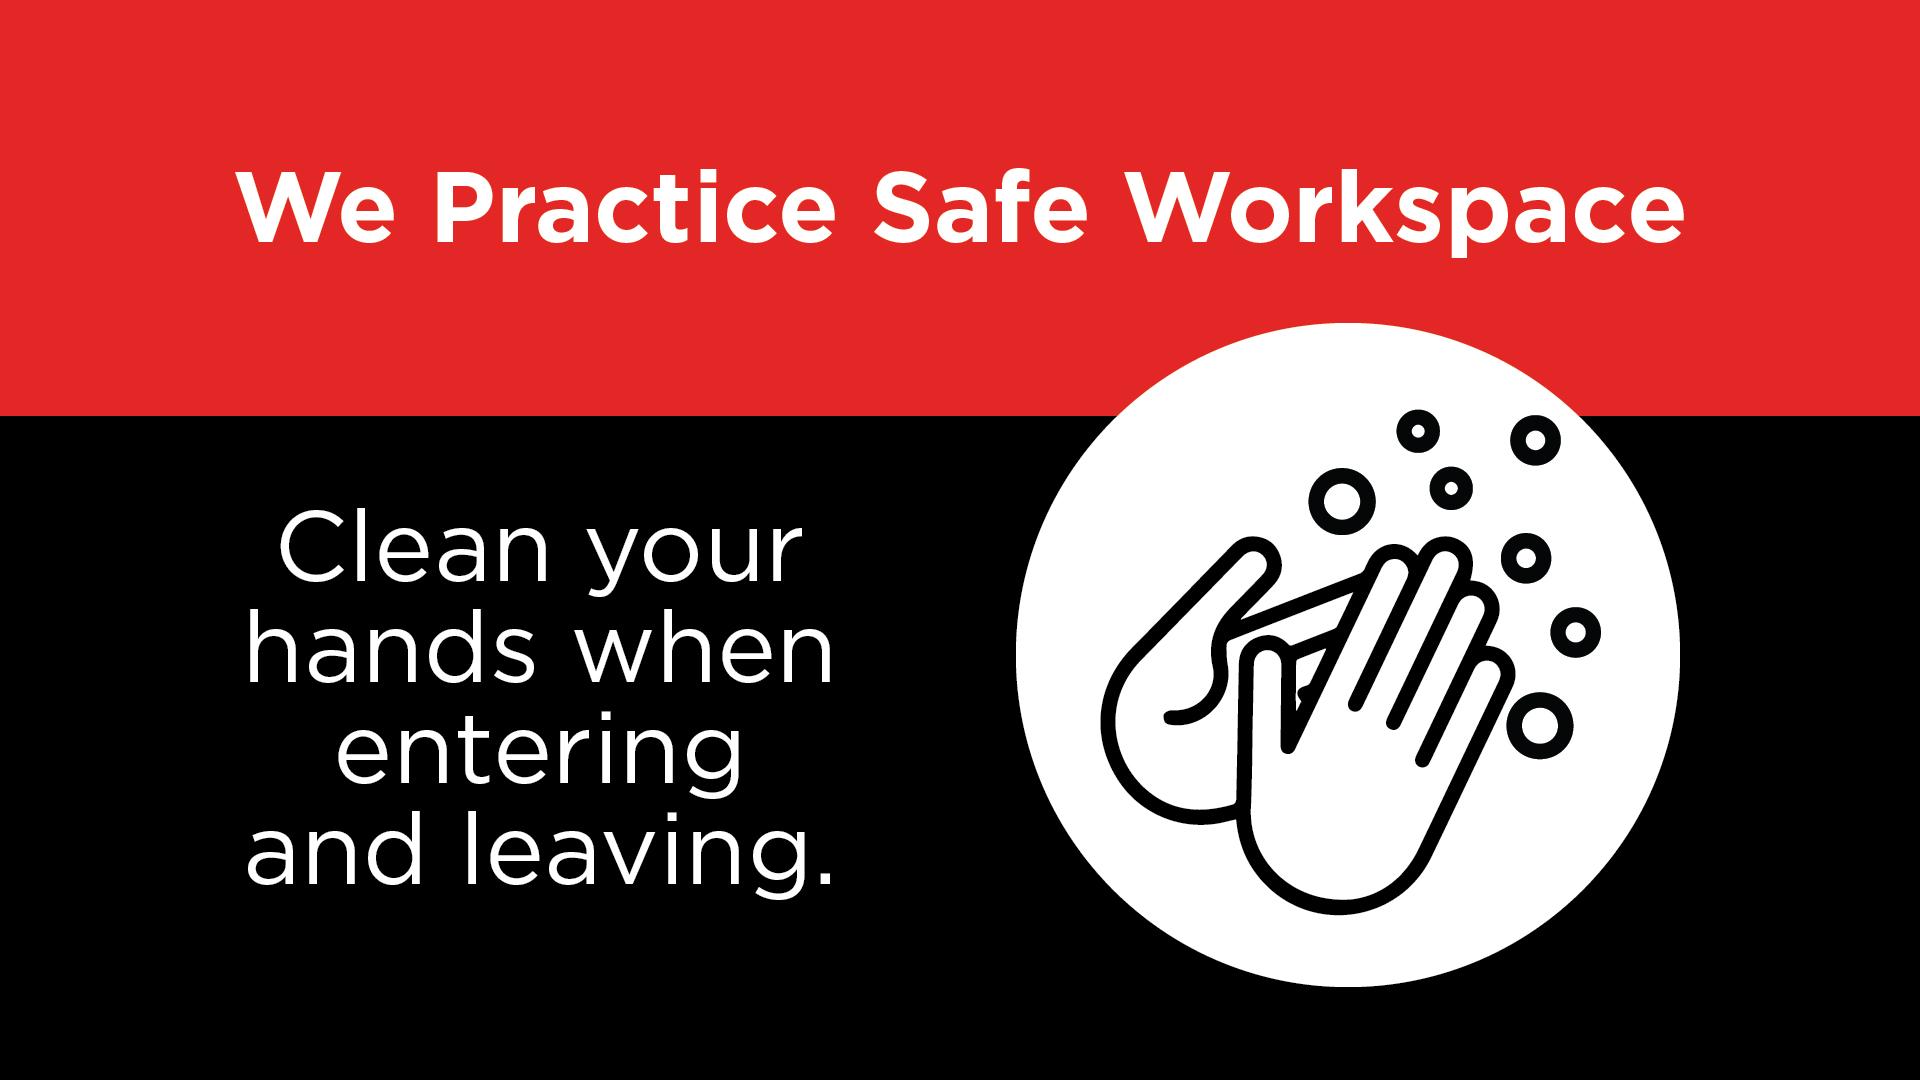 Safe Workspace - Clean Your Hands Digital Signage Image